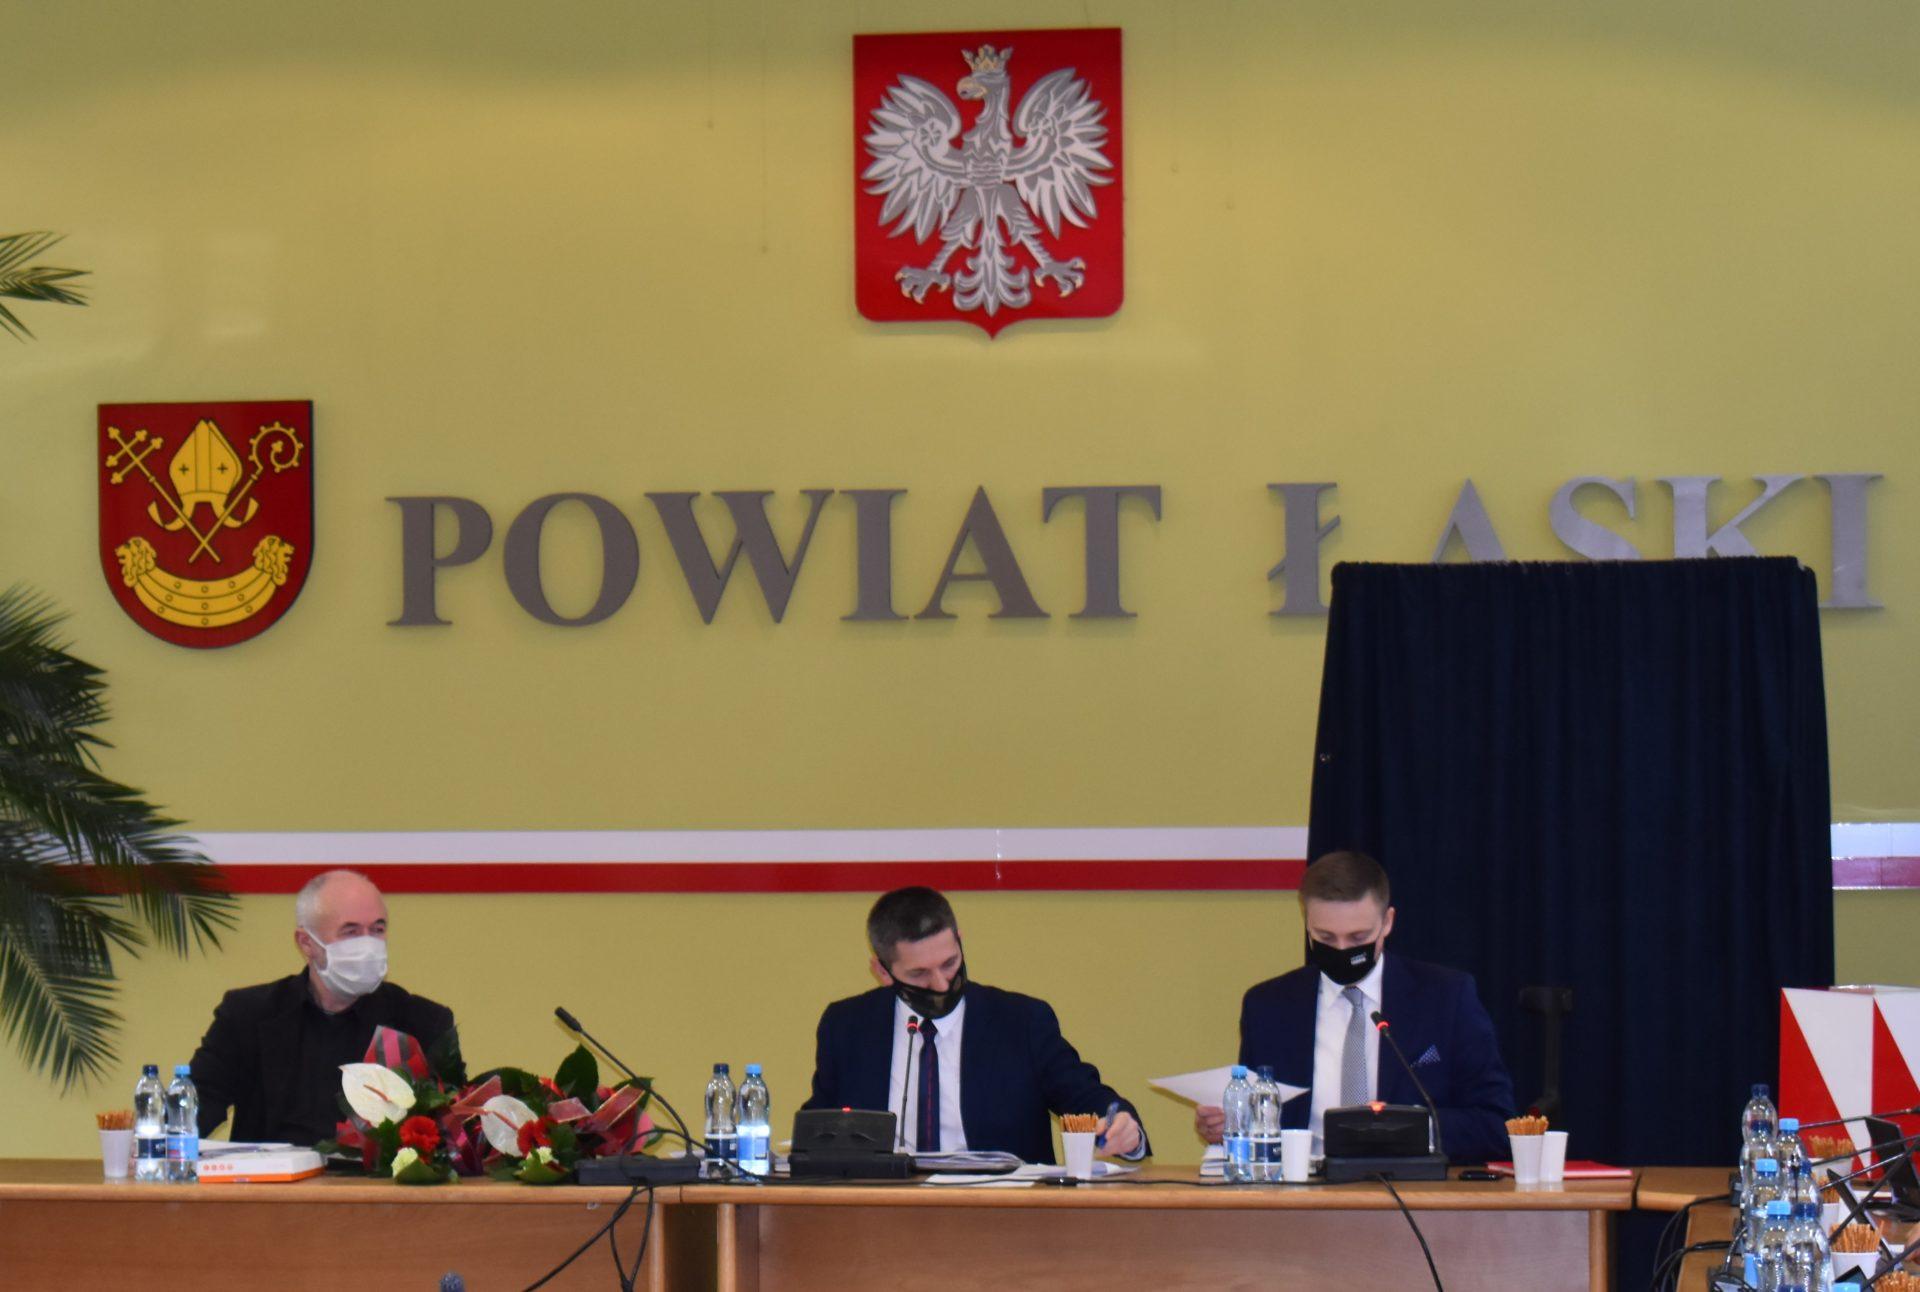 Grzegorz Dębkowski nowym Przewodniczącym Rady Powiatu Łaskiego